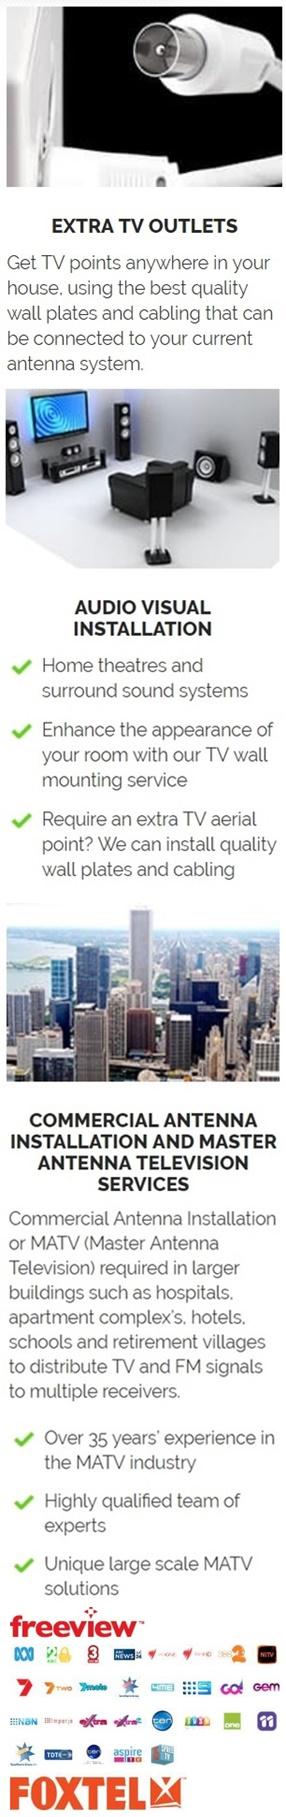 Central Coast Antenna Services